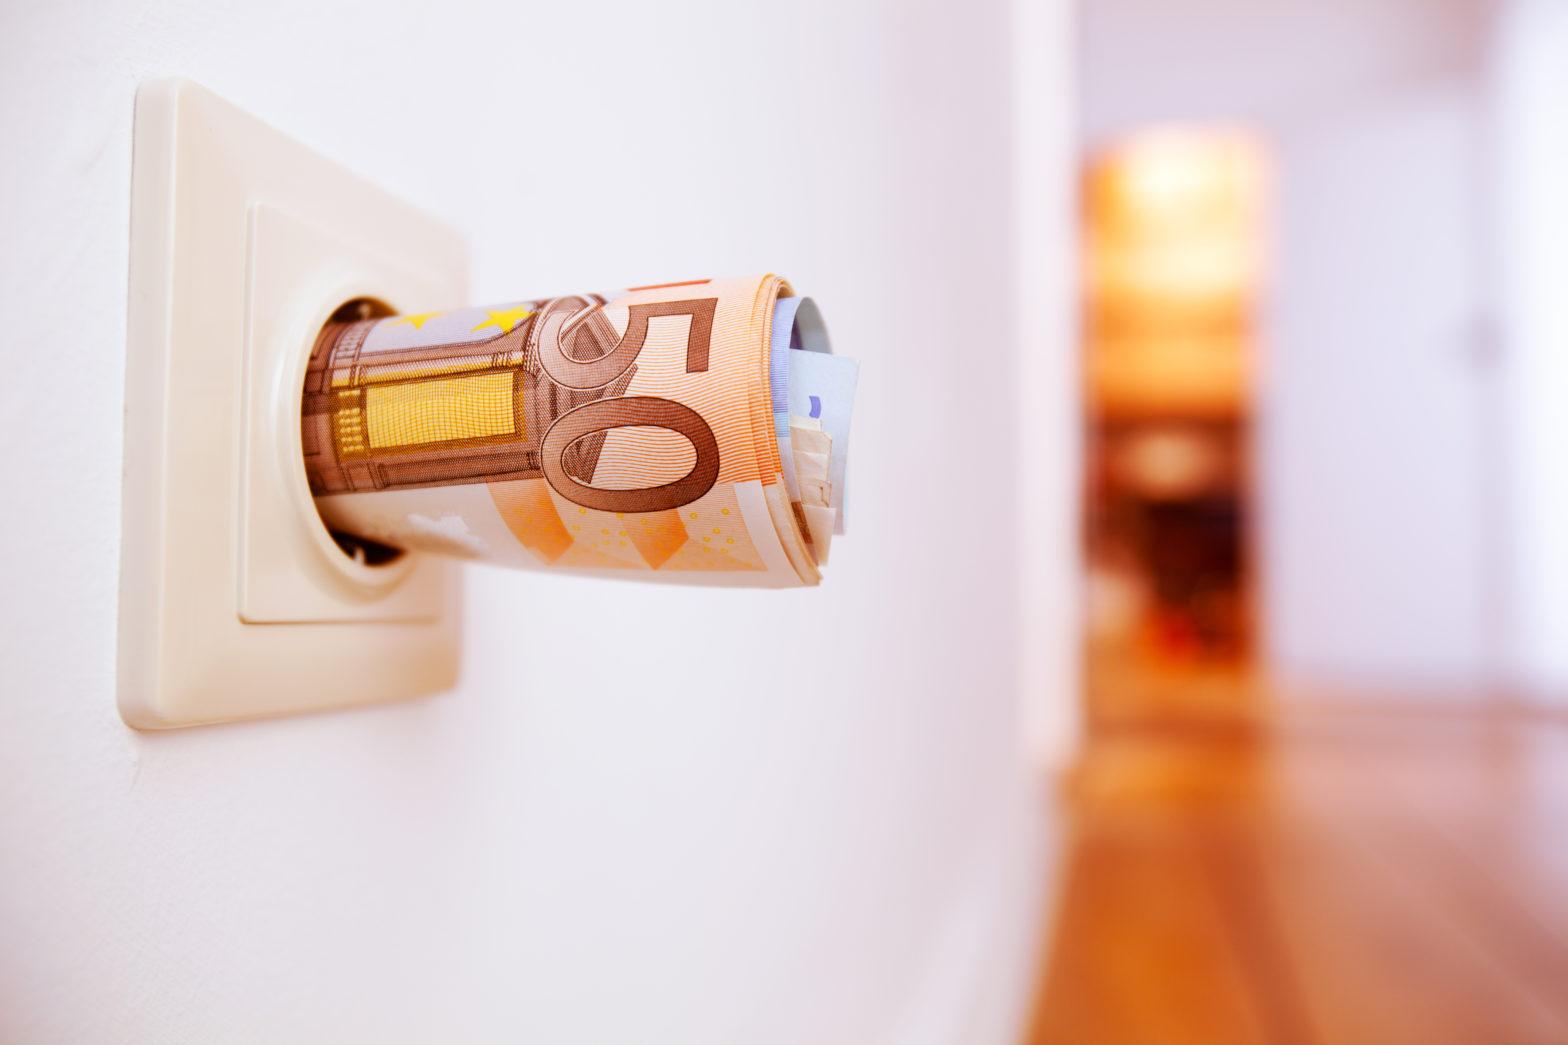 Insgesamt ist der Stromverbrauch in Haushalten gesunken. Trotzdem zahlt sich ein Anbieterwechsel meist aus.